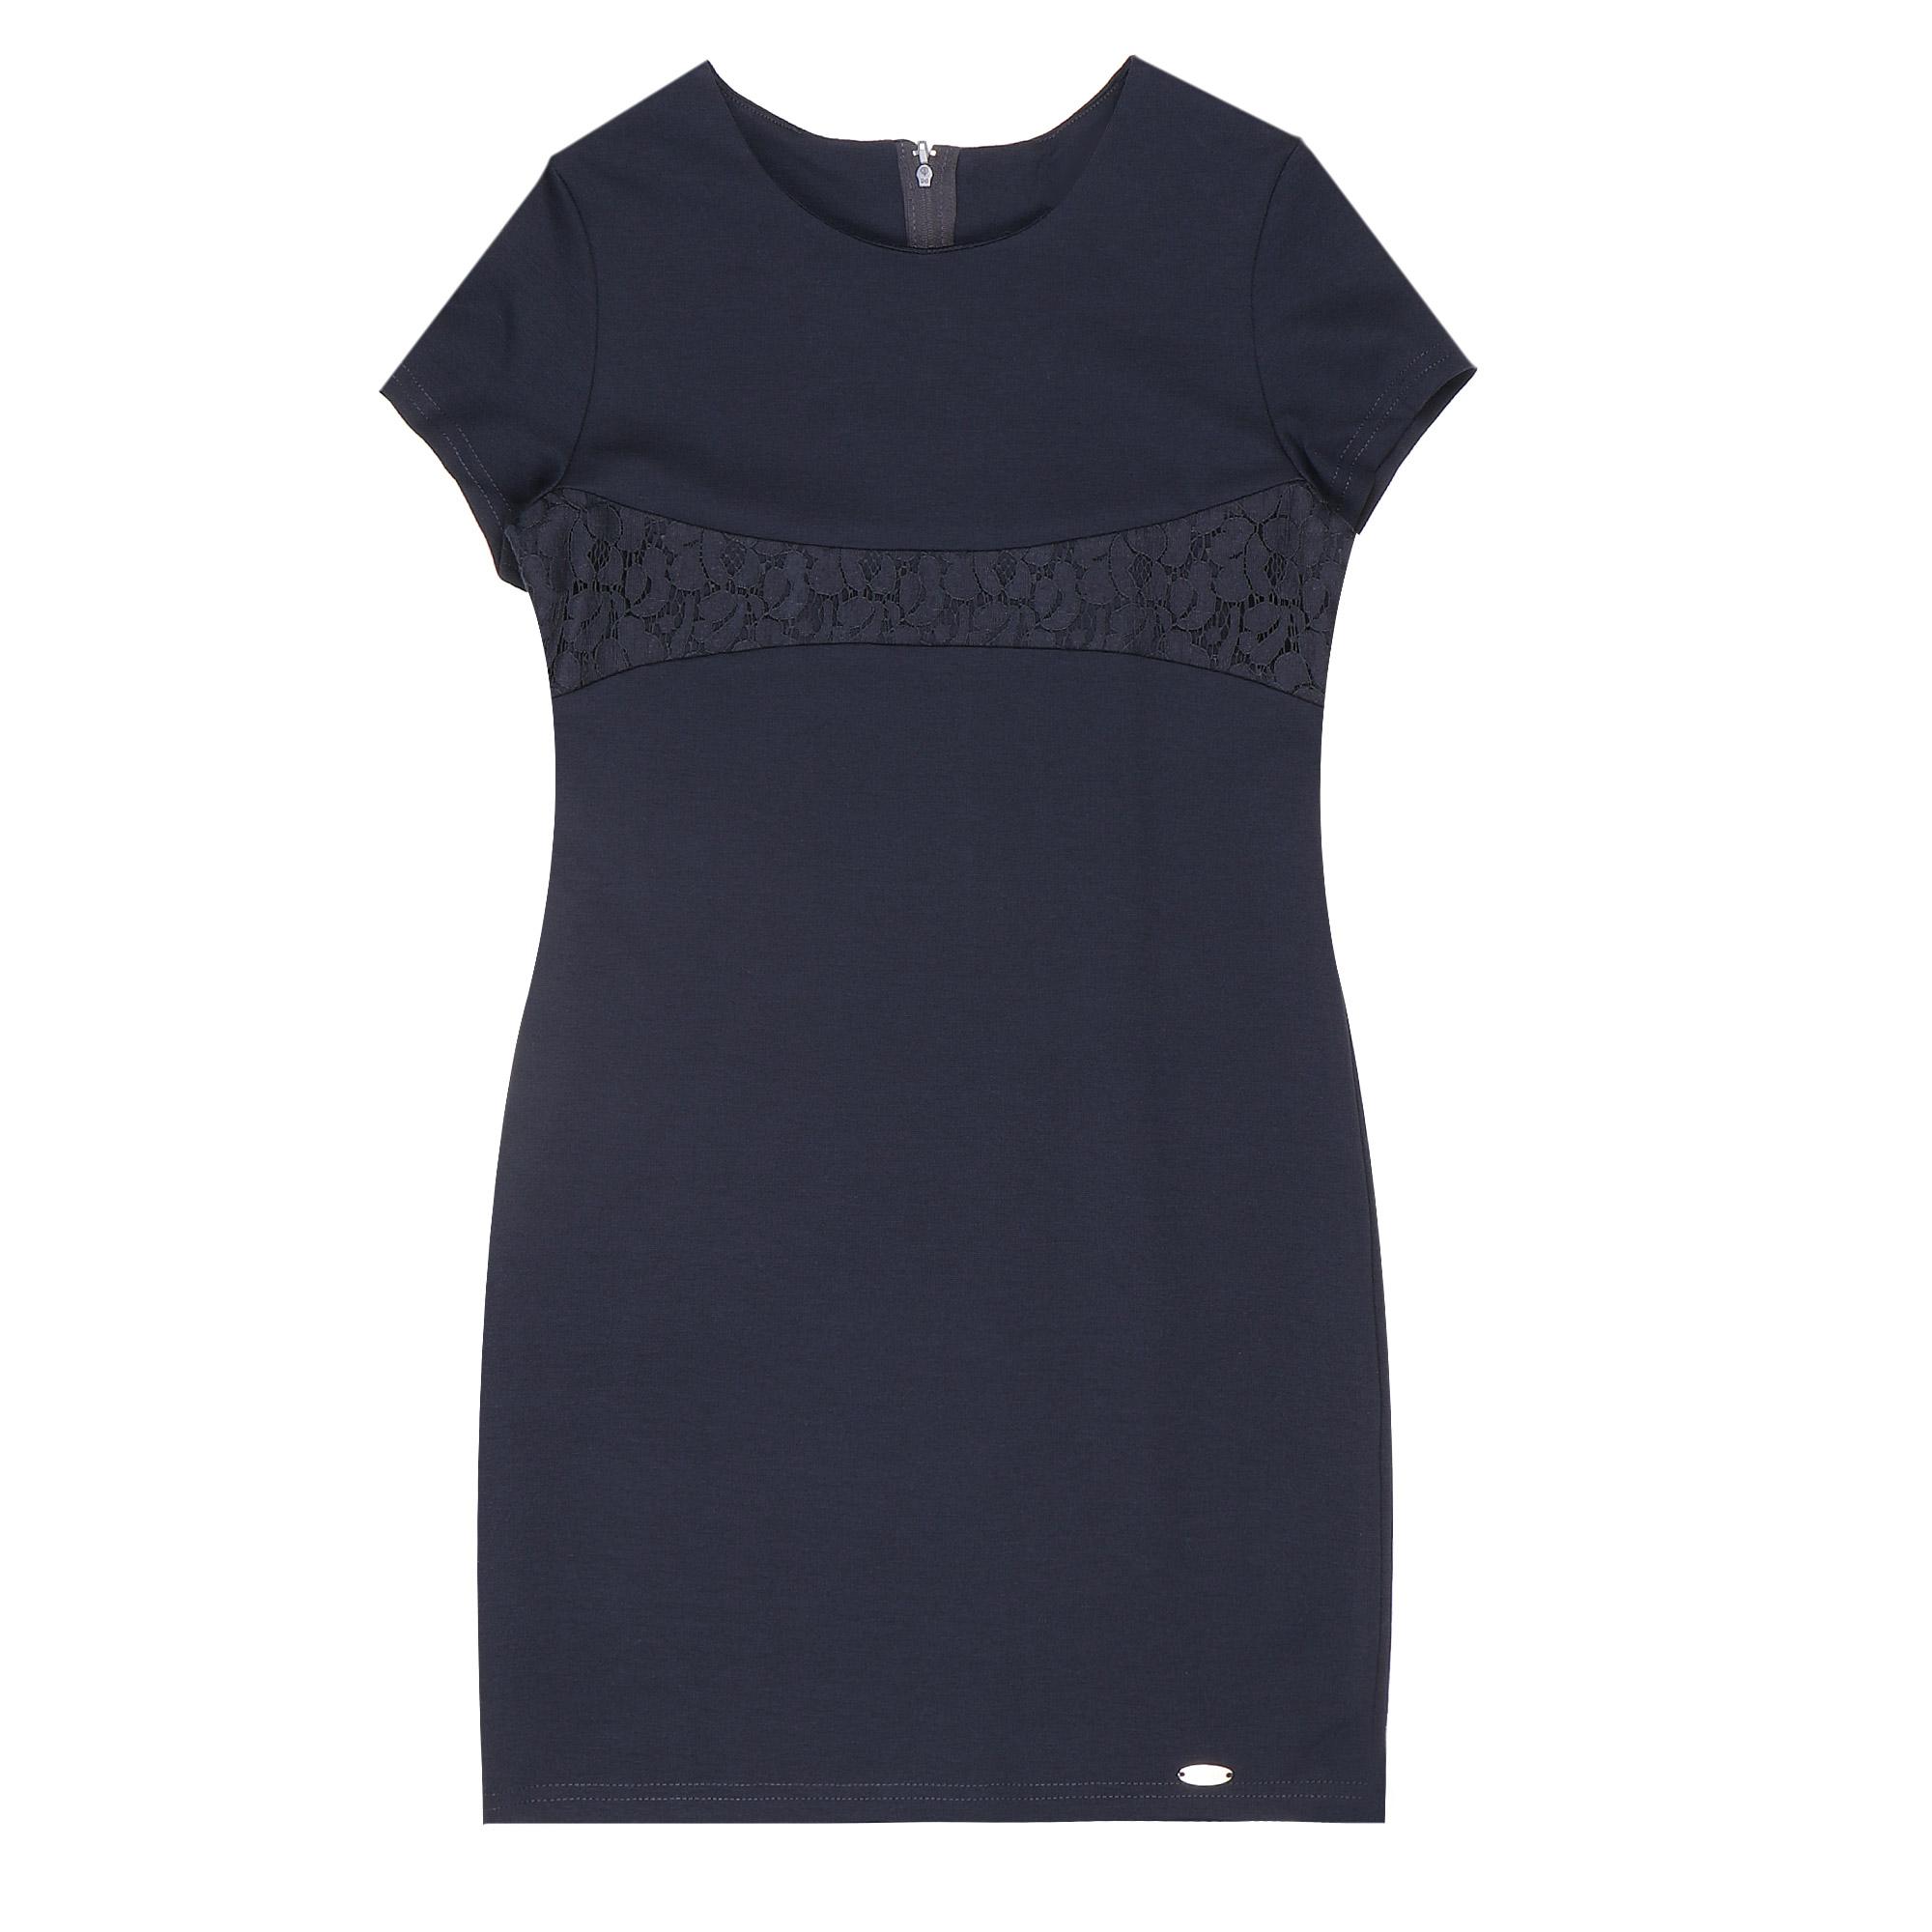 Купить Платье школьное КАРАМЕЛЛИ О73639 синее 128, Синий, Для девочек, Всесезонный,